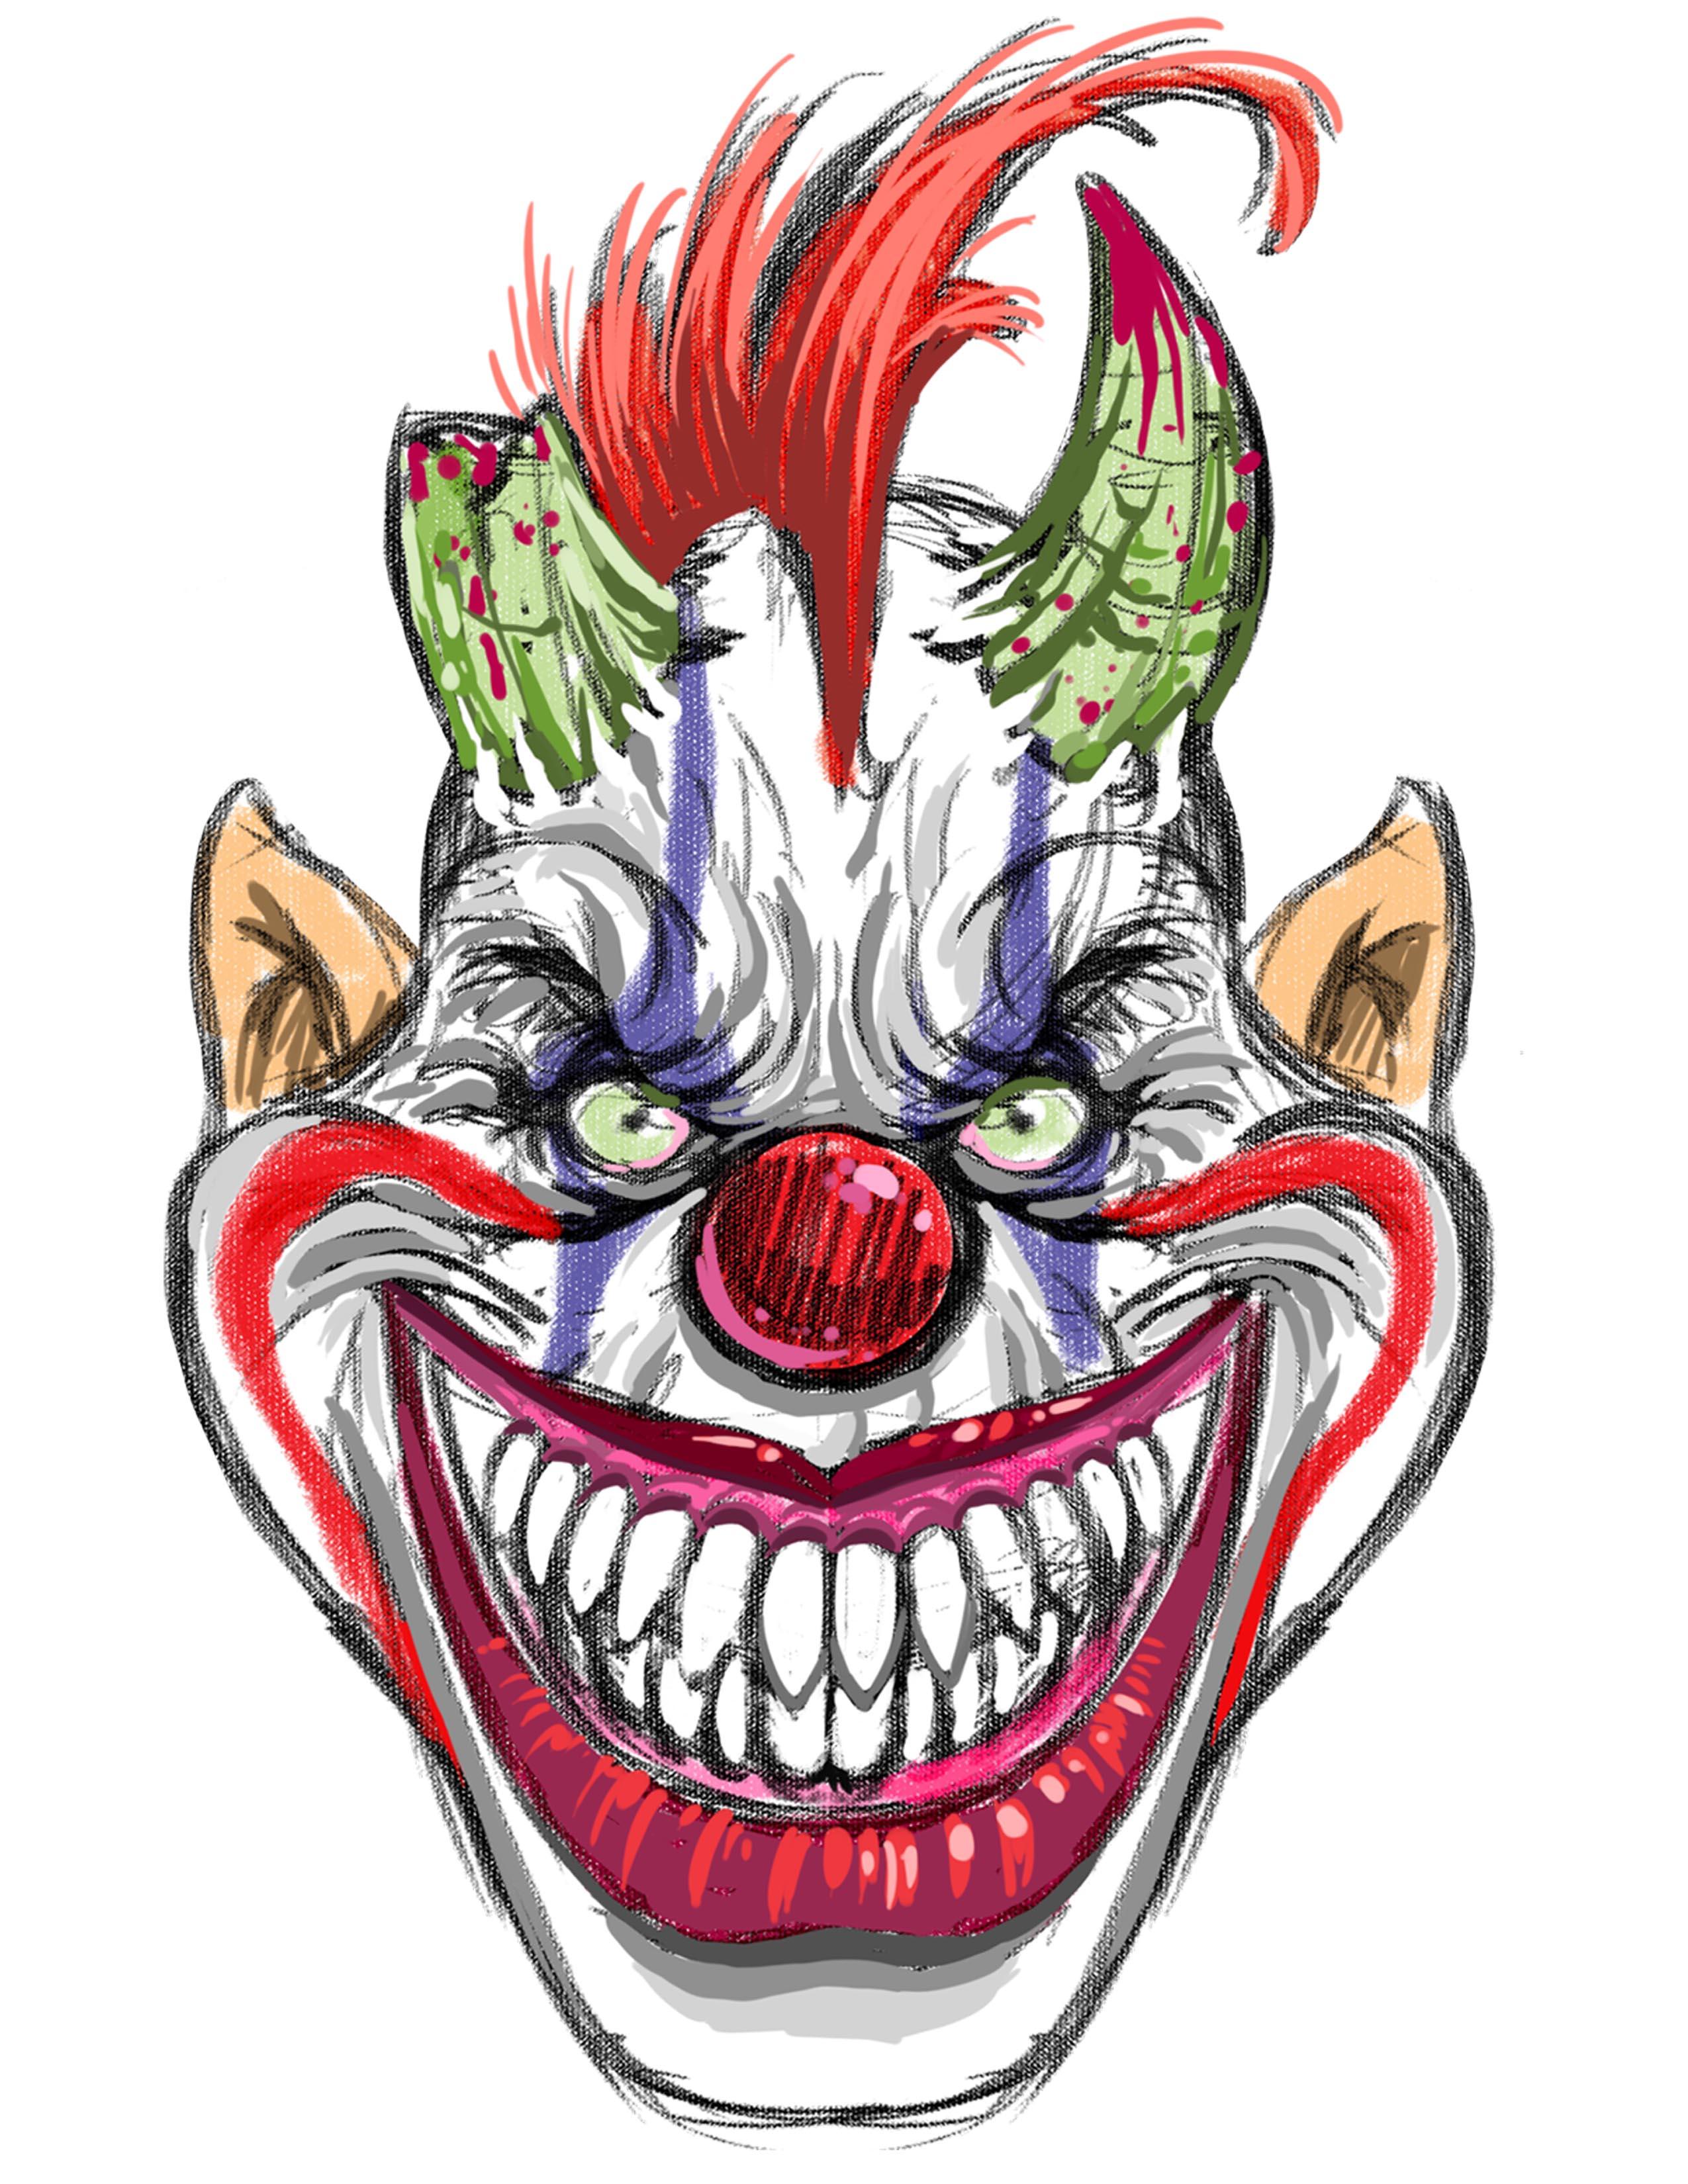 CreepyMasksClown